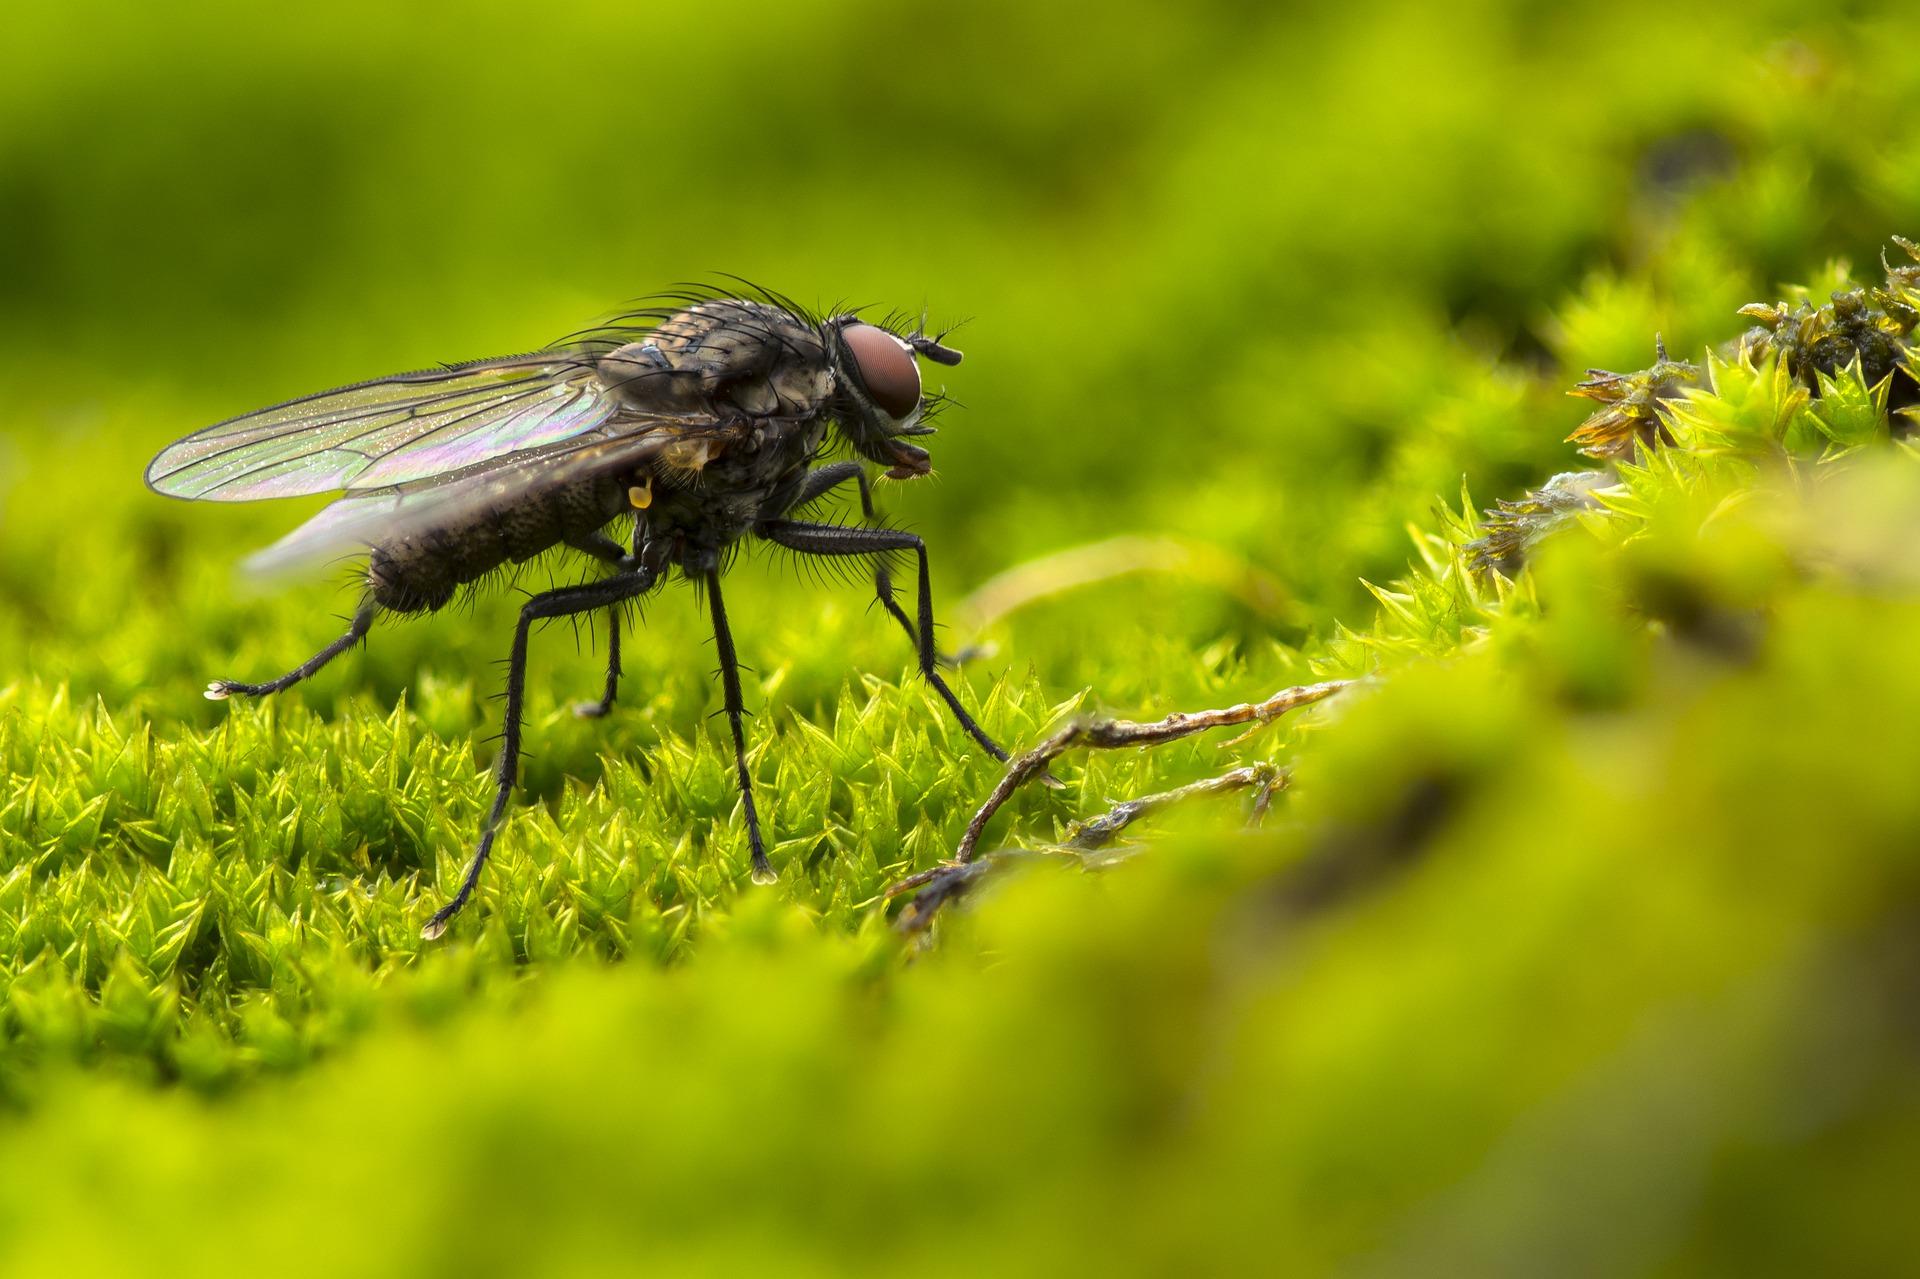 Le mosche dormono?